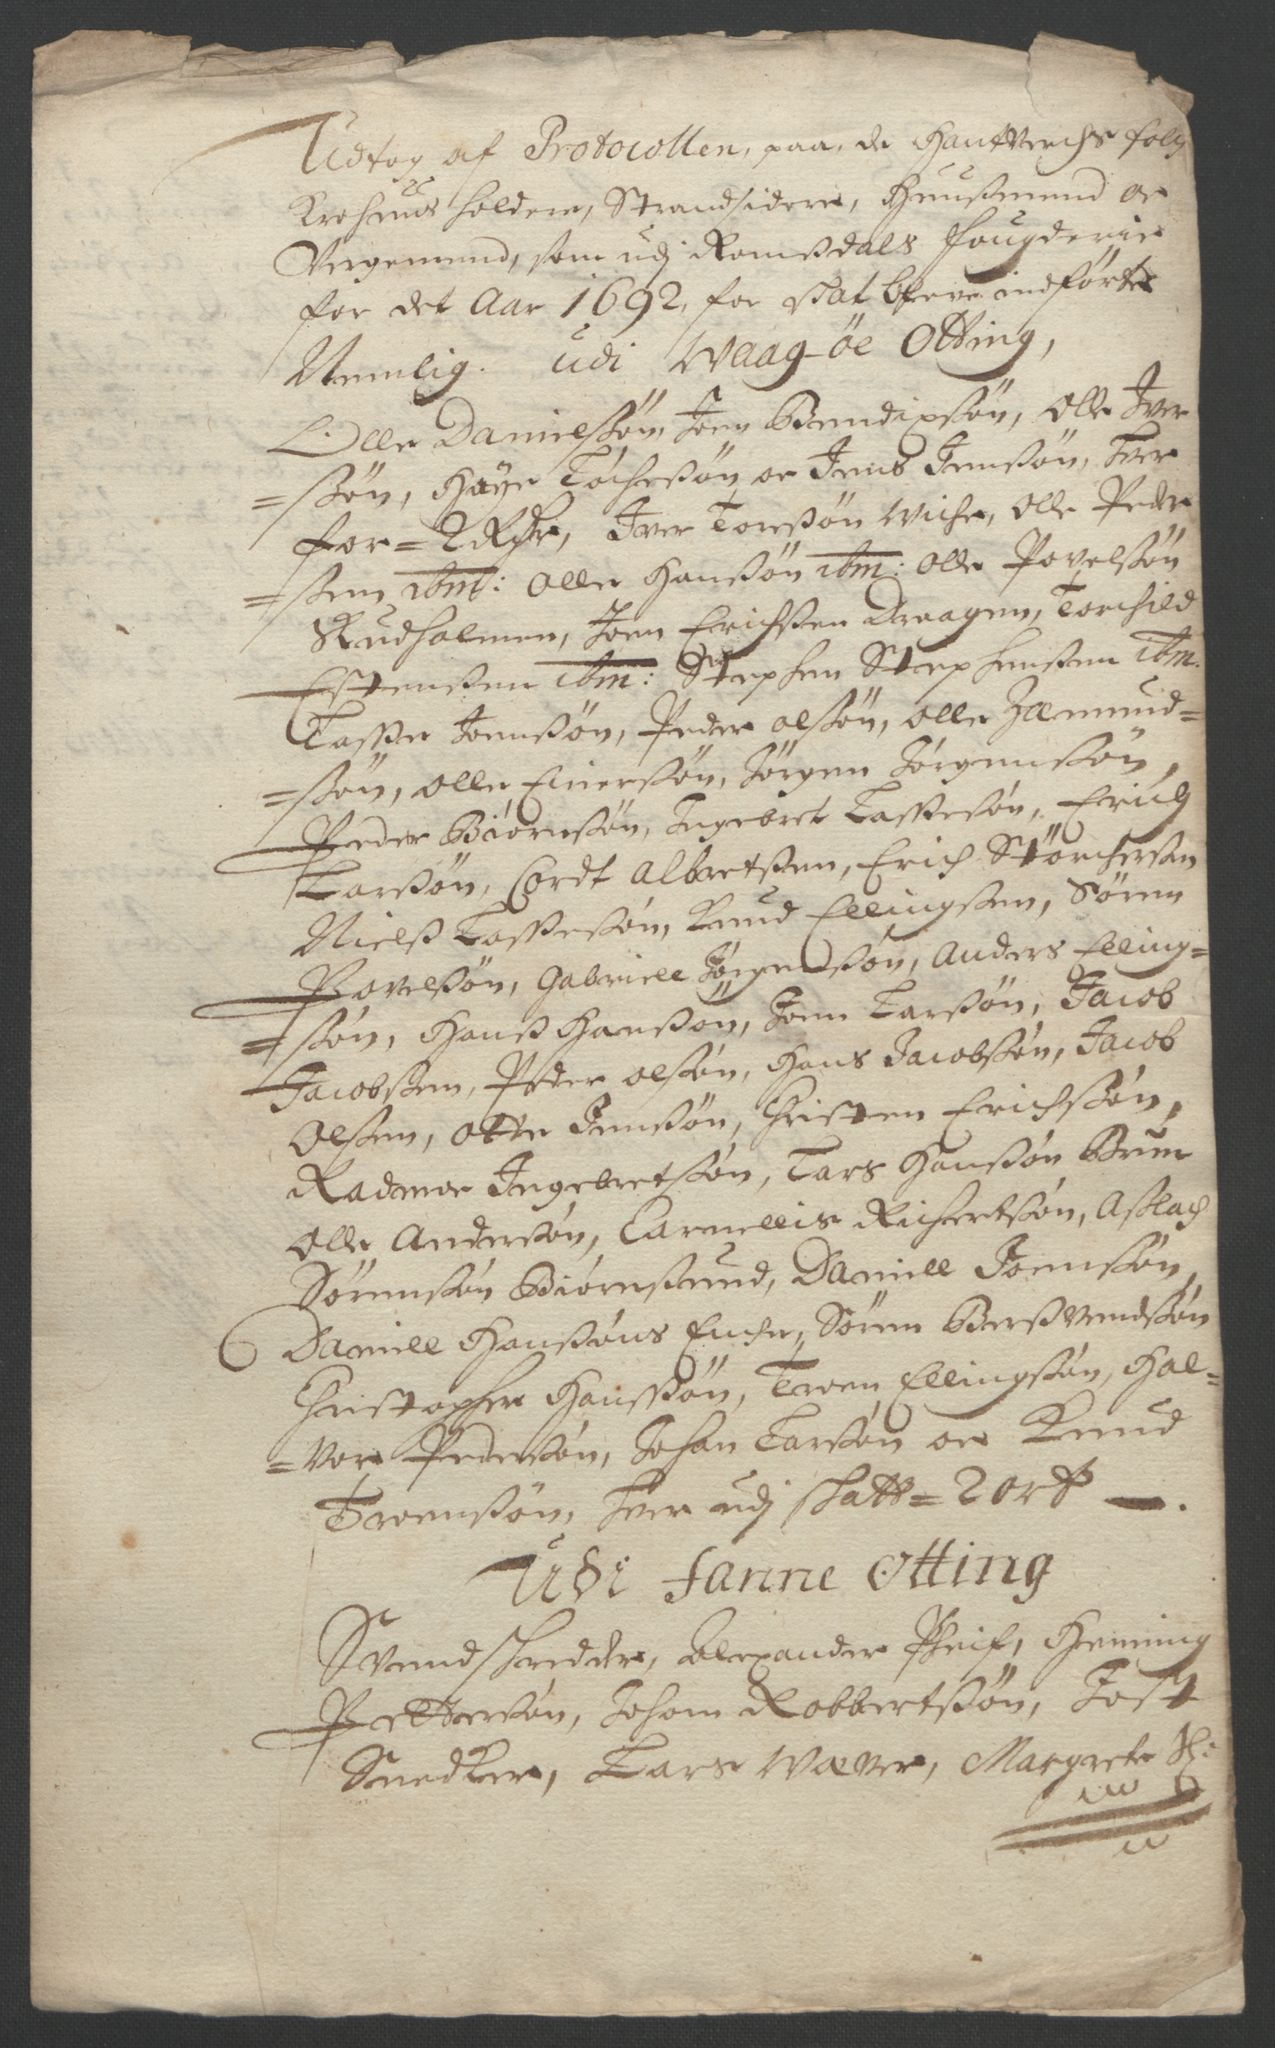 RA, Rentekammeret inntil 1814, Reviderte regnskaper, Fogderegnskap, R55/L3650: Fogderegnskap Romsdal, 1692, s. 176